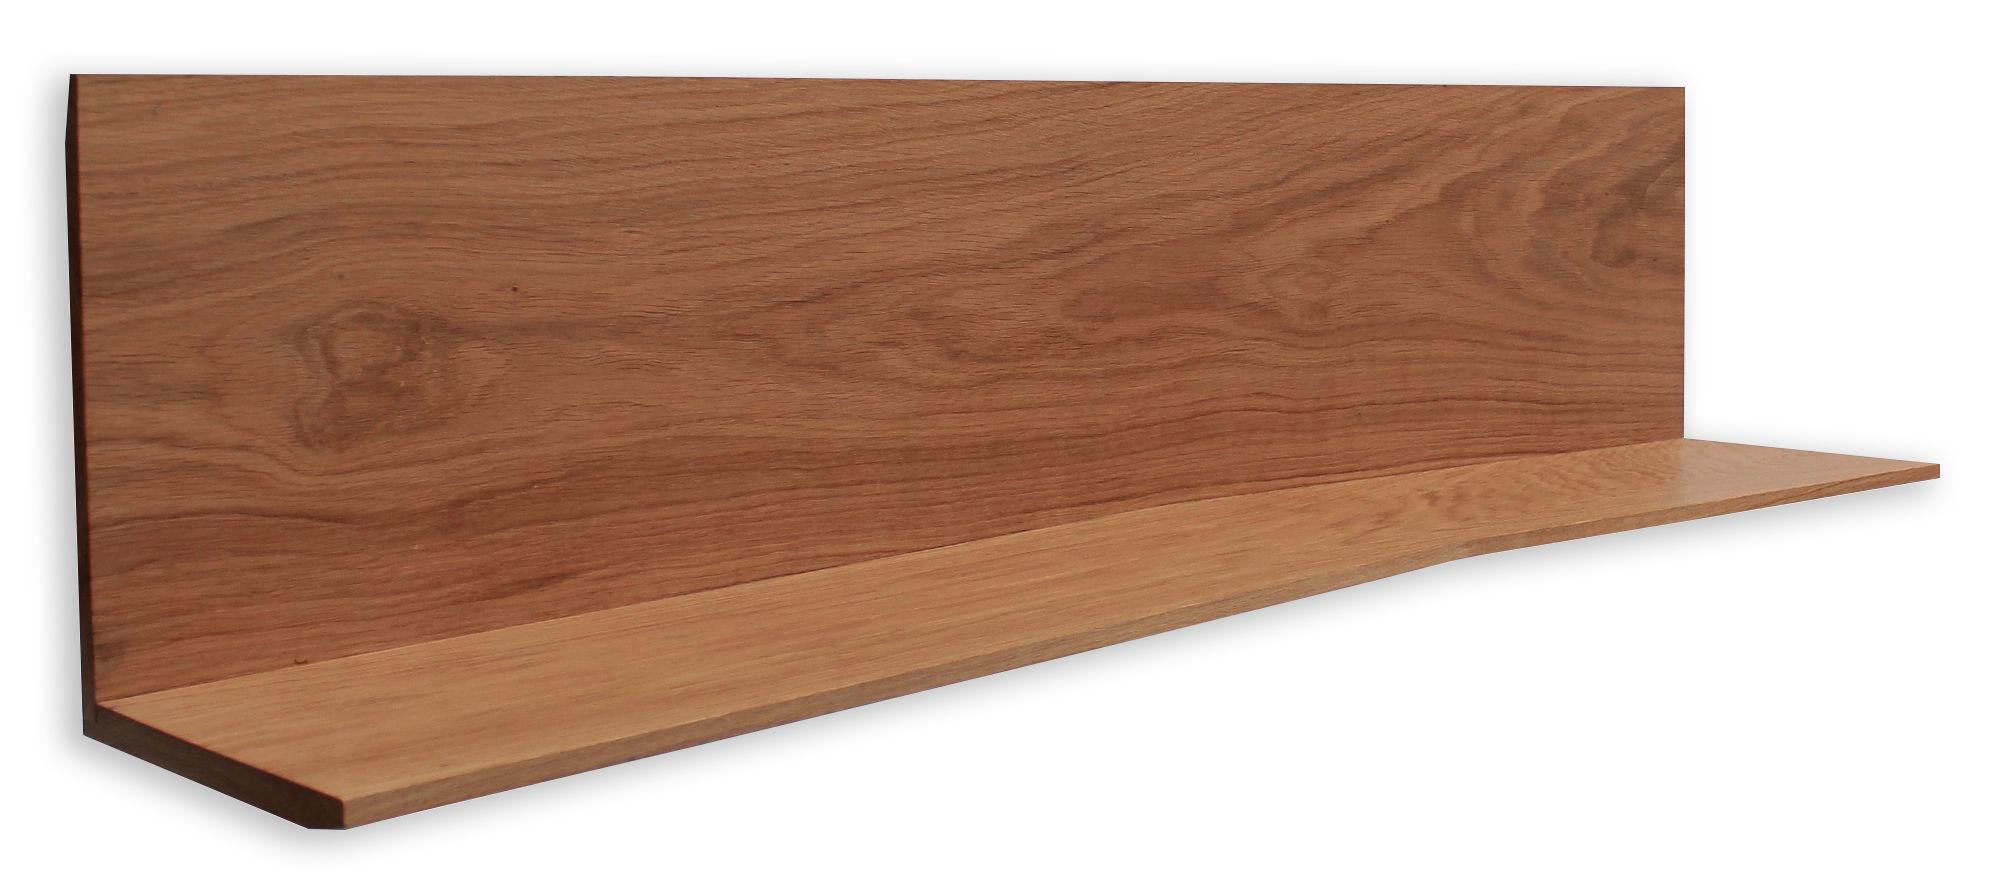 Möbel - Regale und Bücherregale - 11.2 Regal / L 118 cm - Compagnie - Regal einzeln / Naturholz - Chêne massif ciré